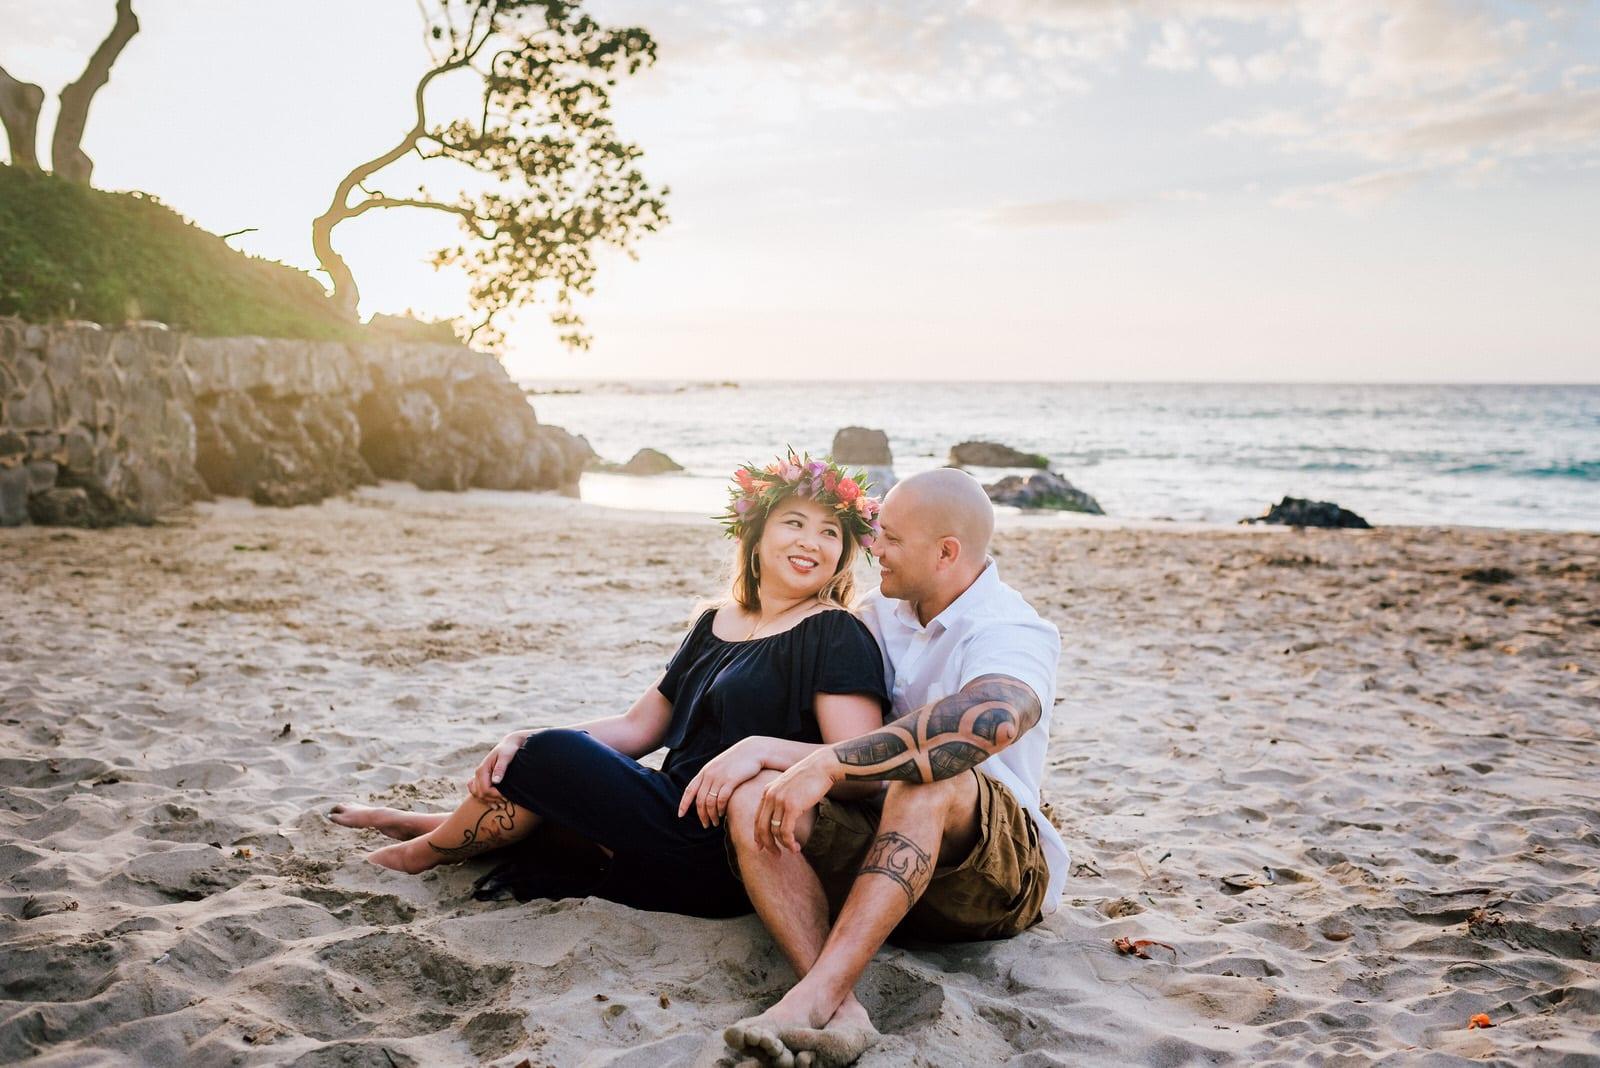 beach-family-photos-hawaii-flower-crown-21.jpg